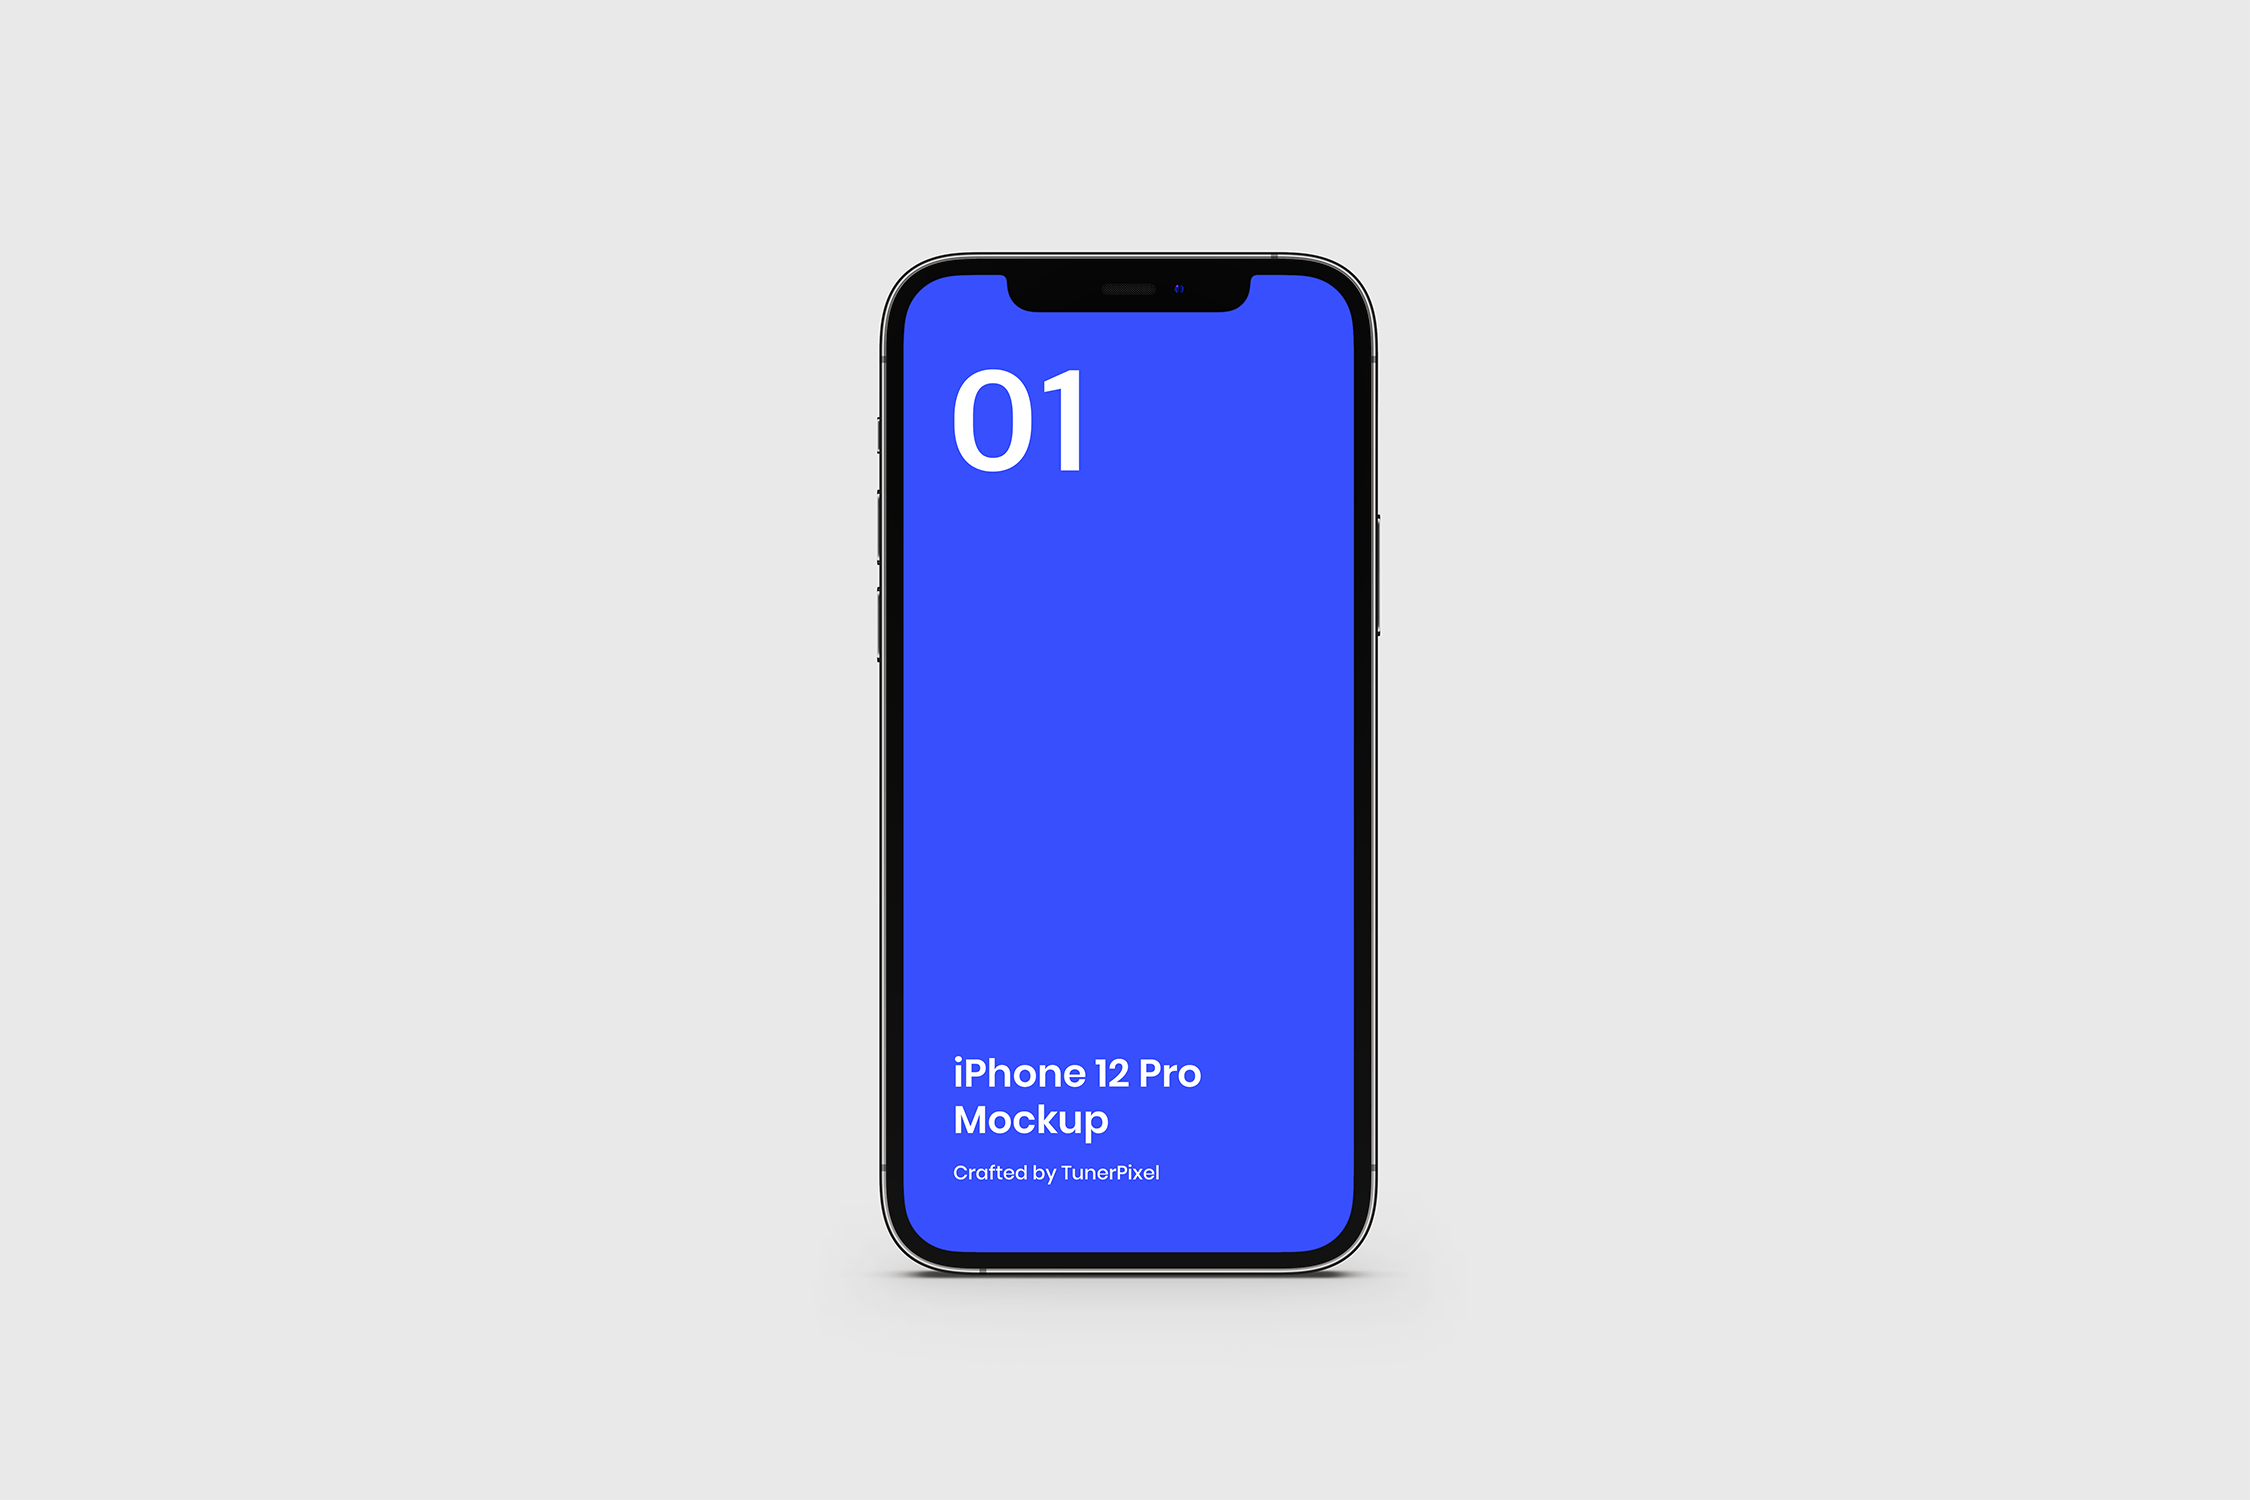 精致写实风格iPhone 12 Pro样机模版素材 GXXNGA9插图(1)